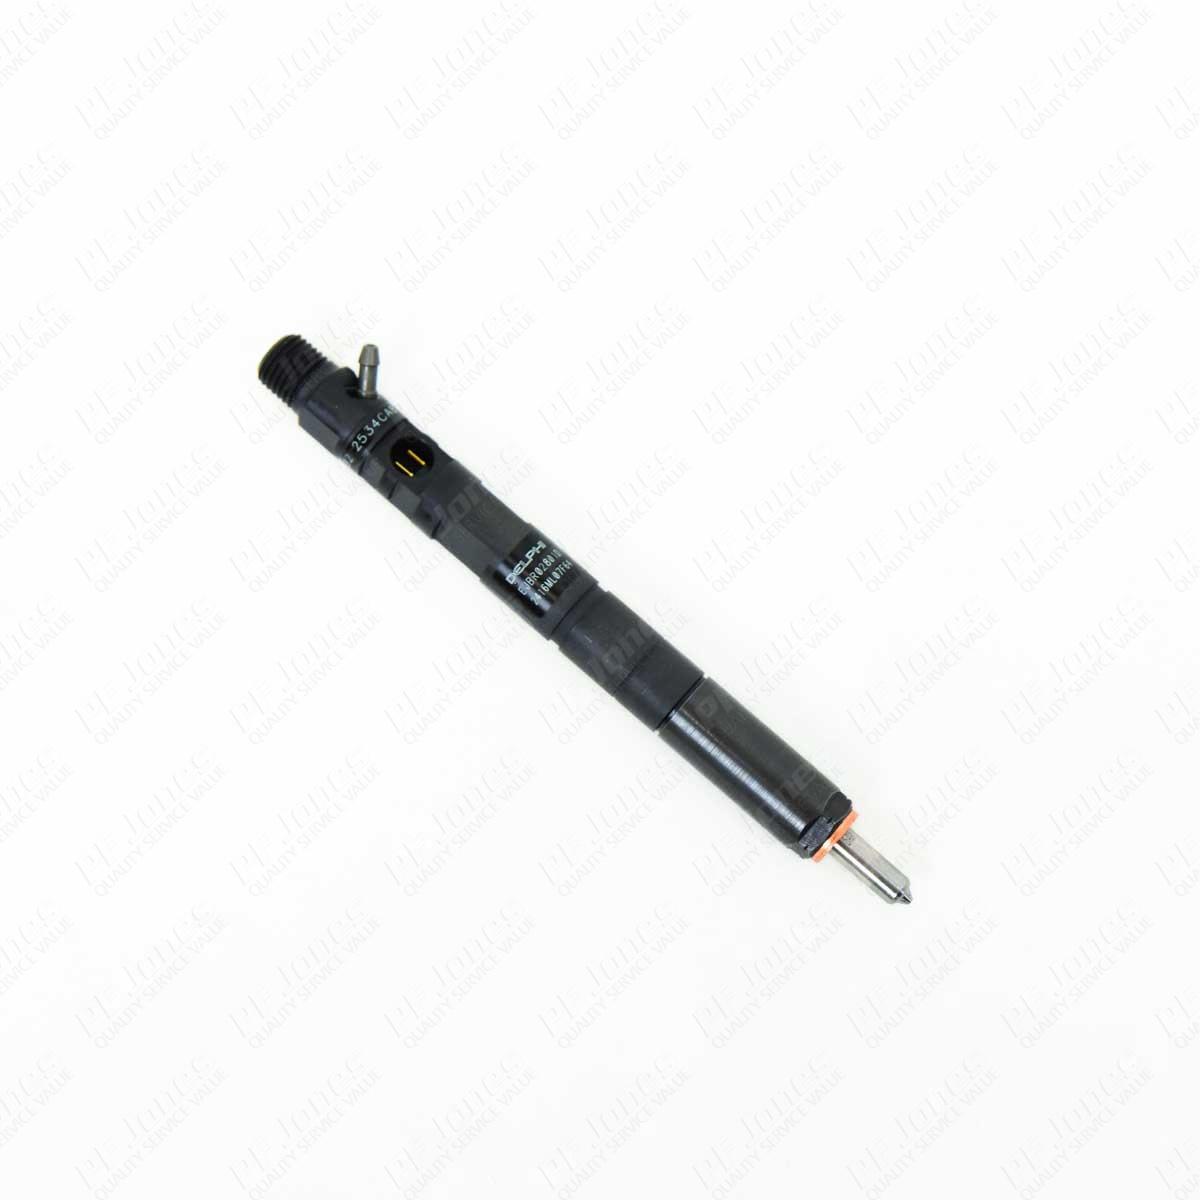 Kia Sedona 2.9 TD 01/1999-10/2001 New Delphi Diesel Injector R02801D